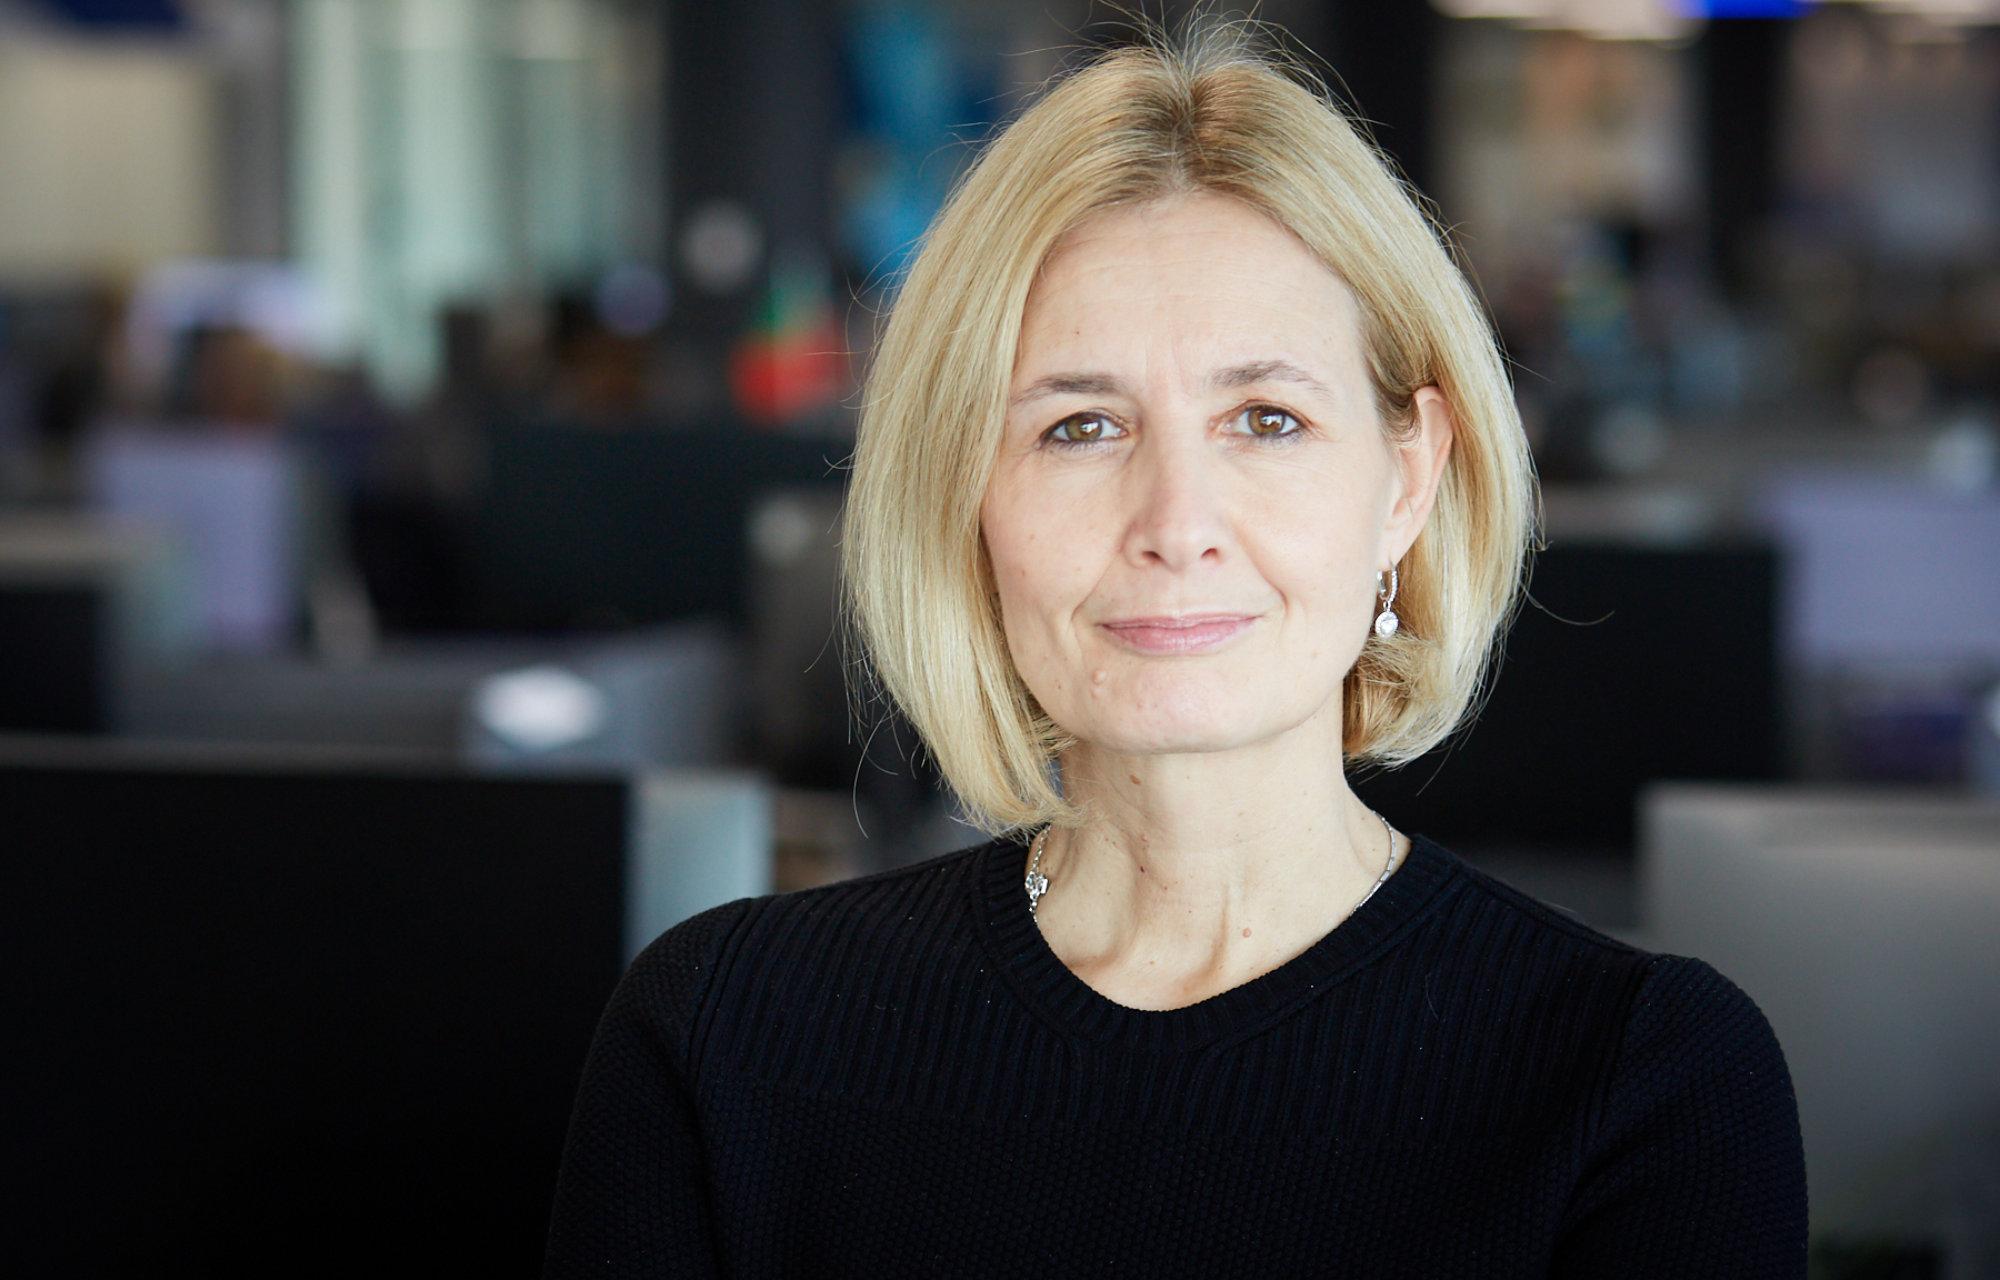 Elvira Schachermeier lett a Ford európai kommunikációs alelnöke